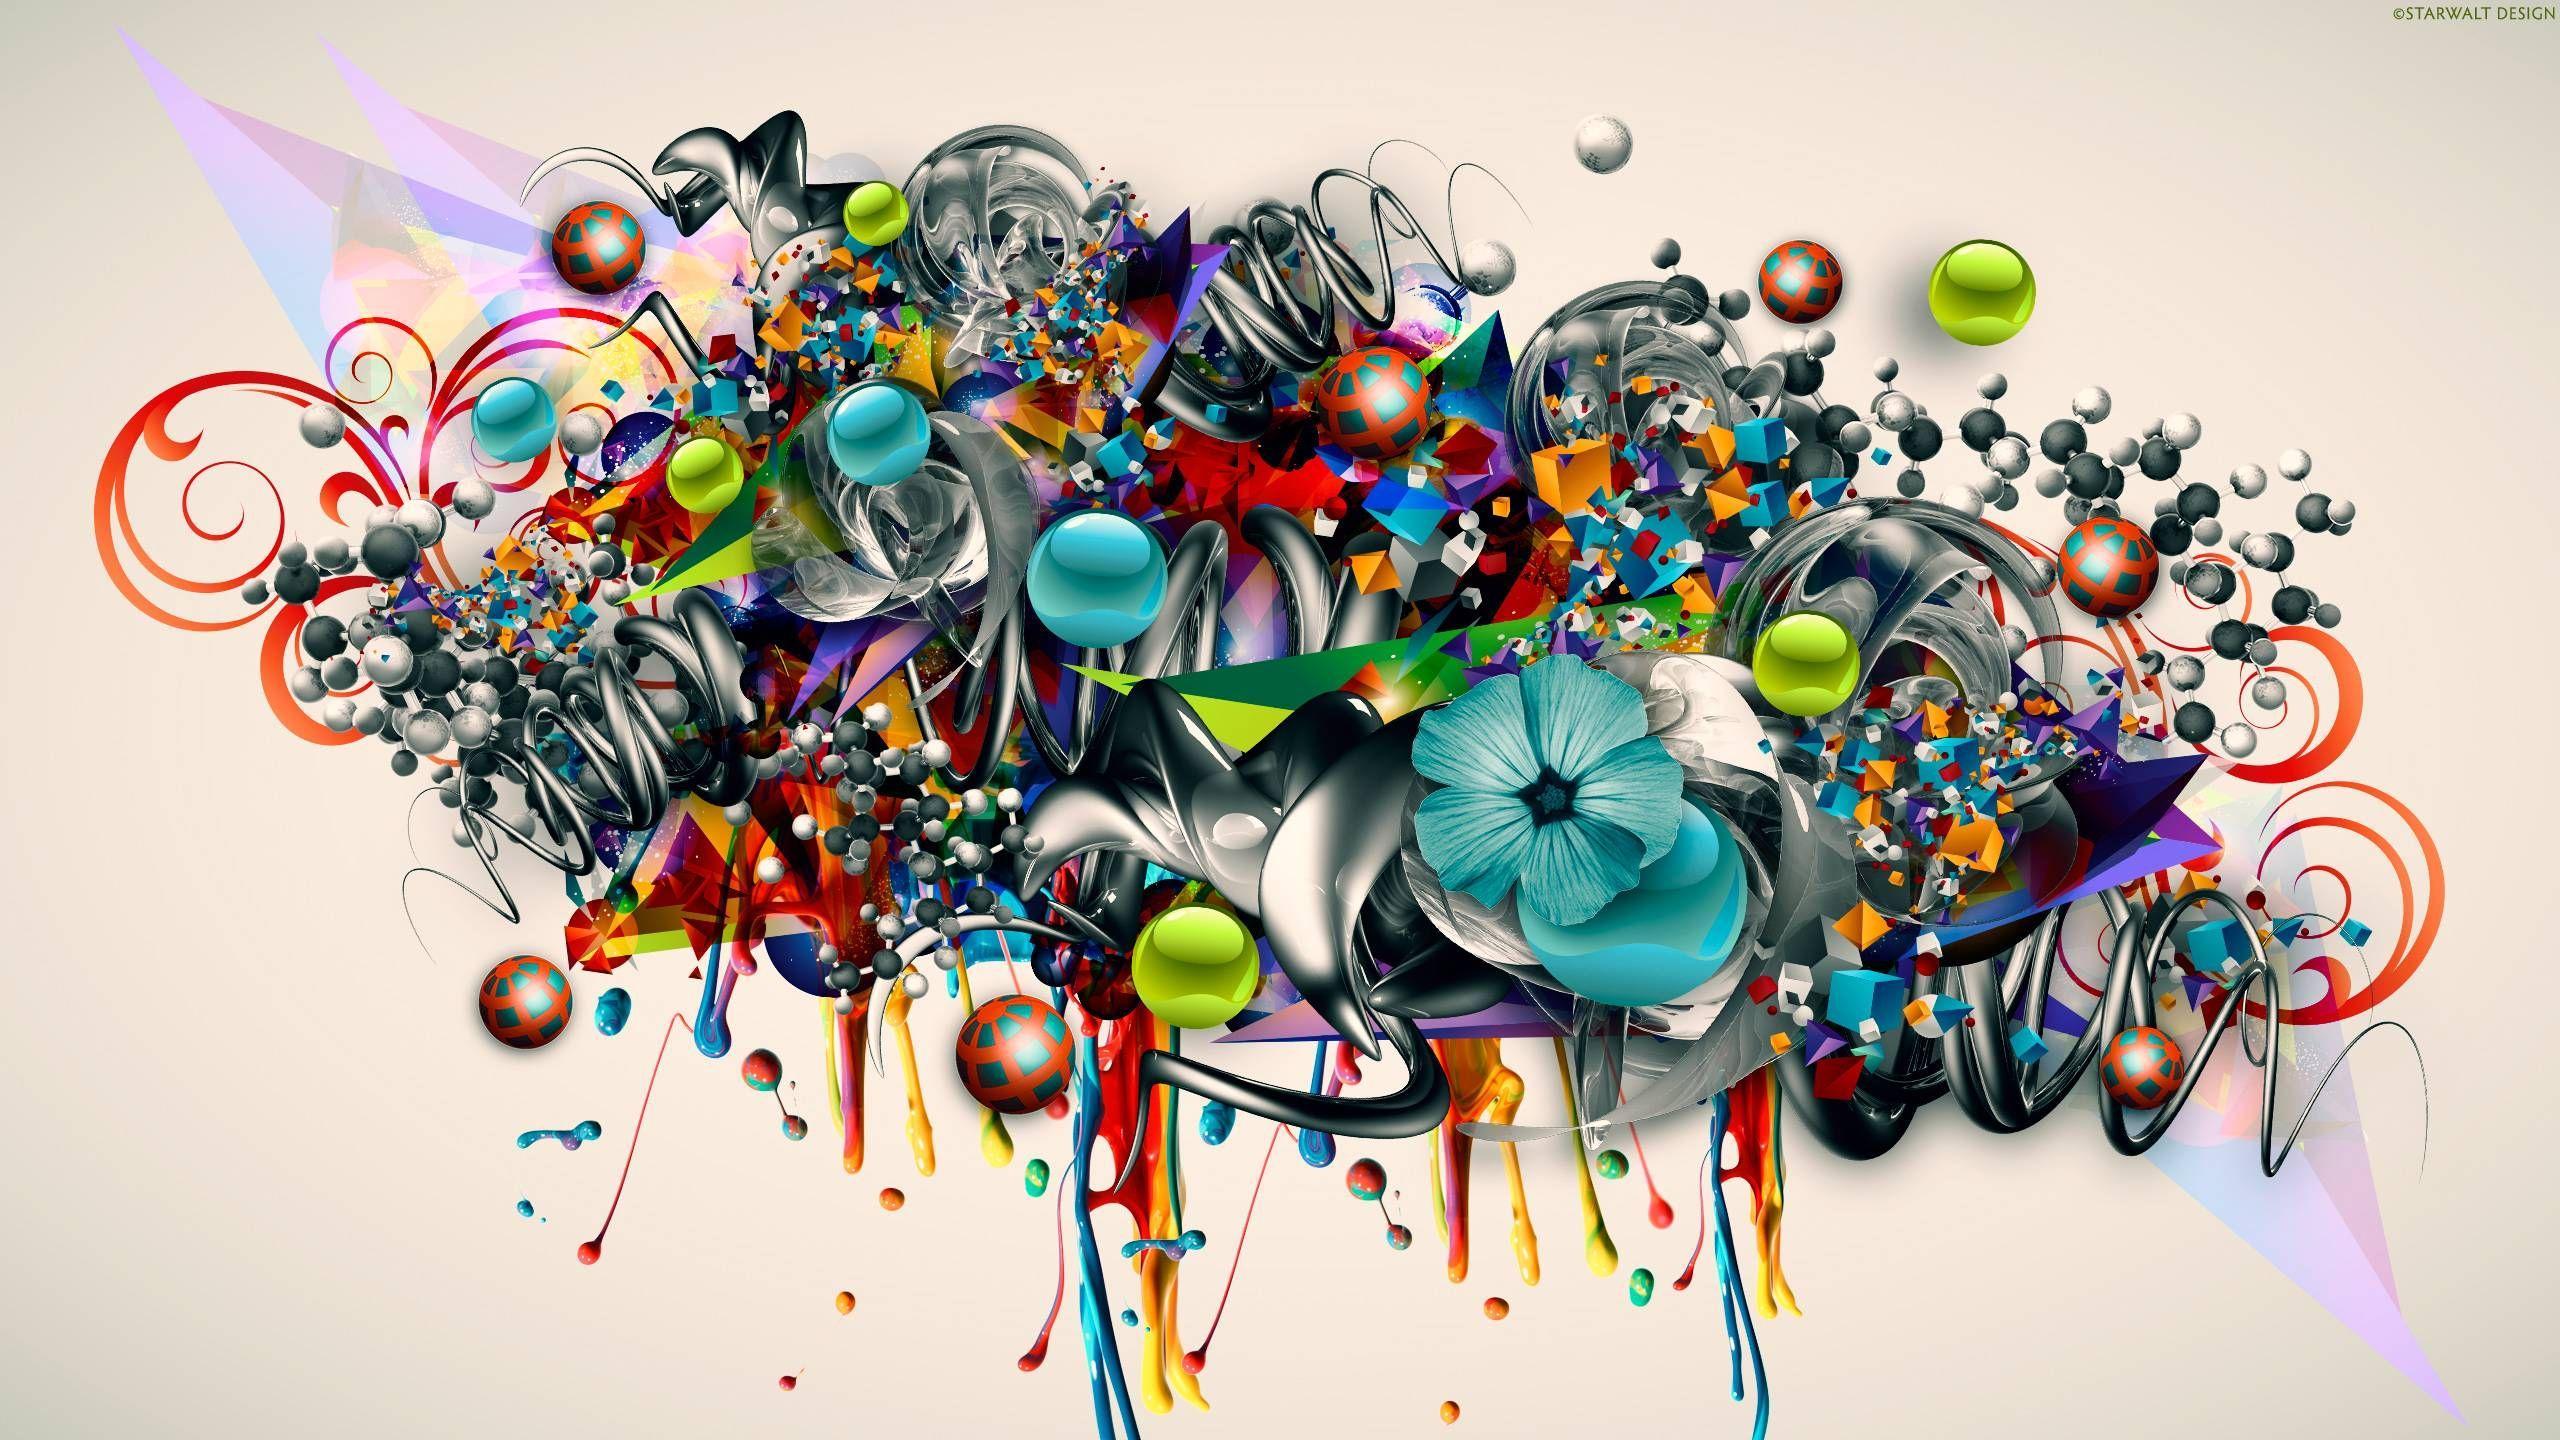 2560x1440 Hình nền Graffiti đầy màu sắc Hình nền Graffiti Nghệ thuật 3D Màu ảo giác